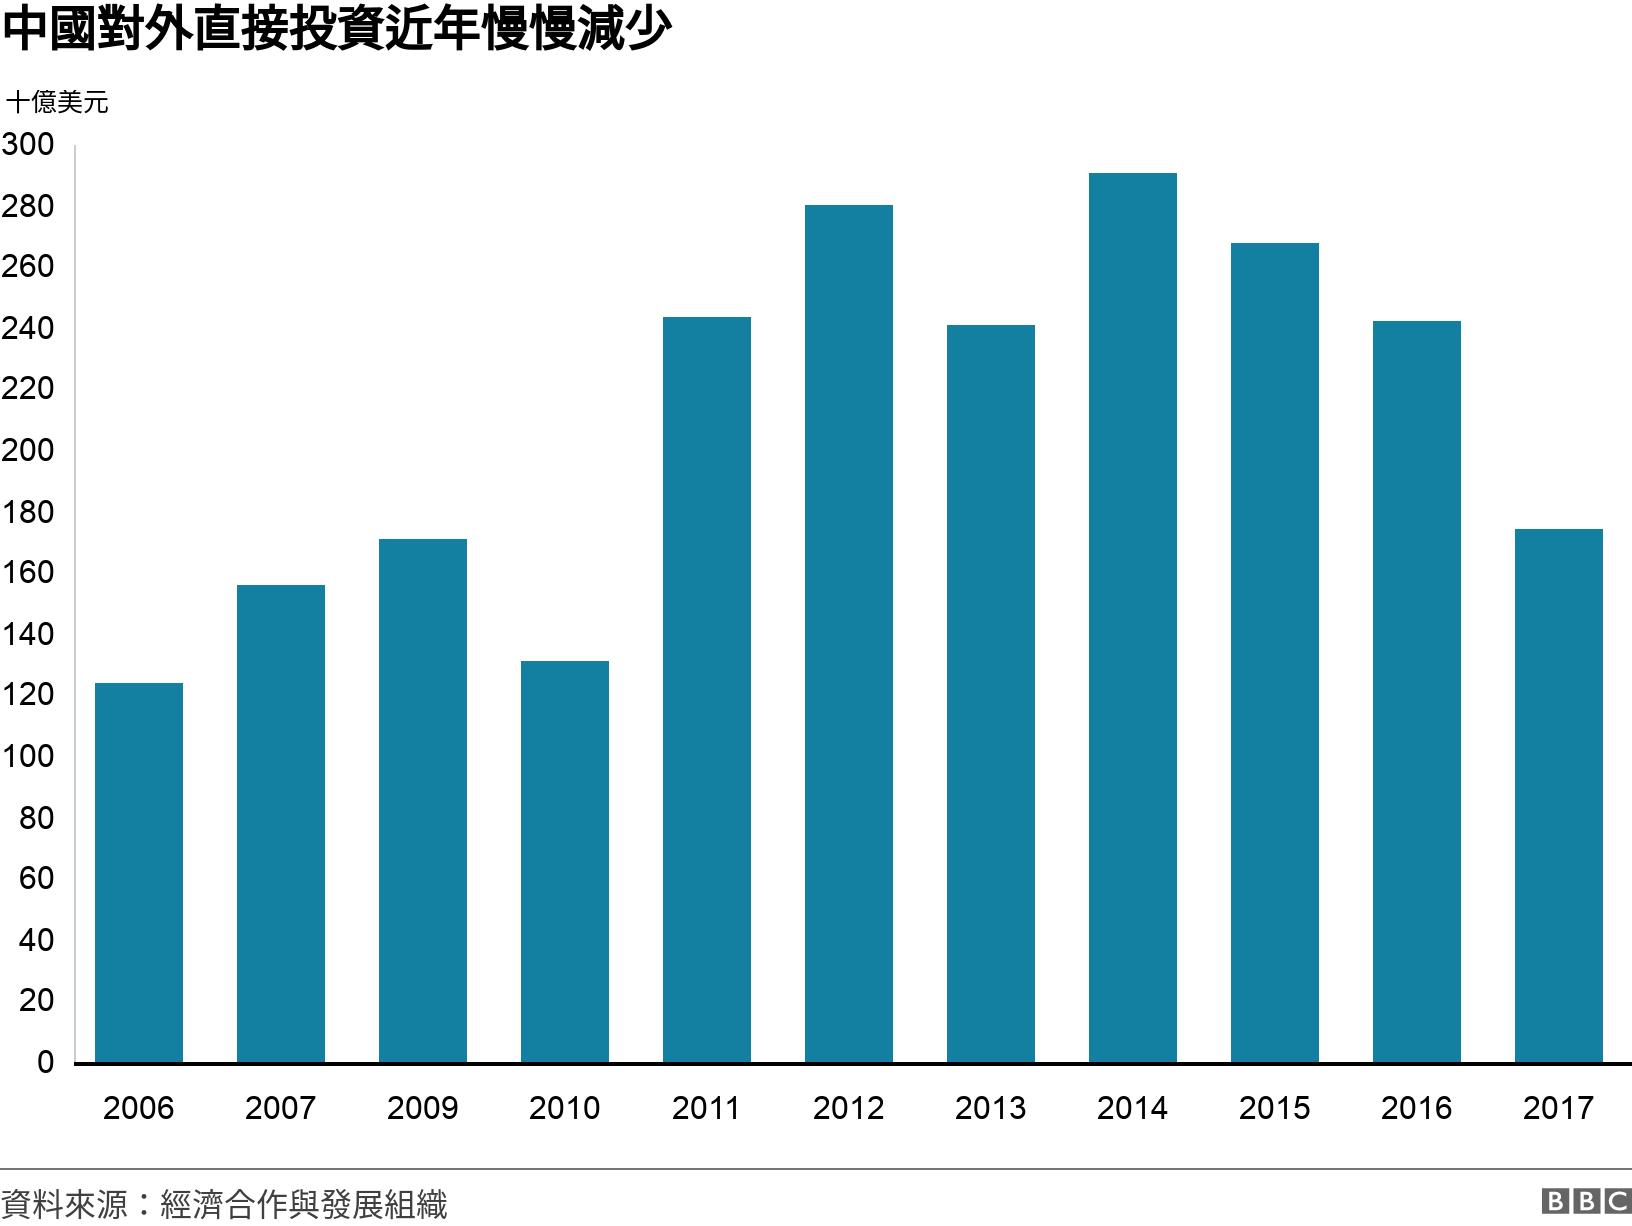 中國對外直接投資近年慢慢減少. .  .